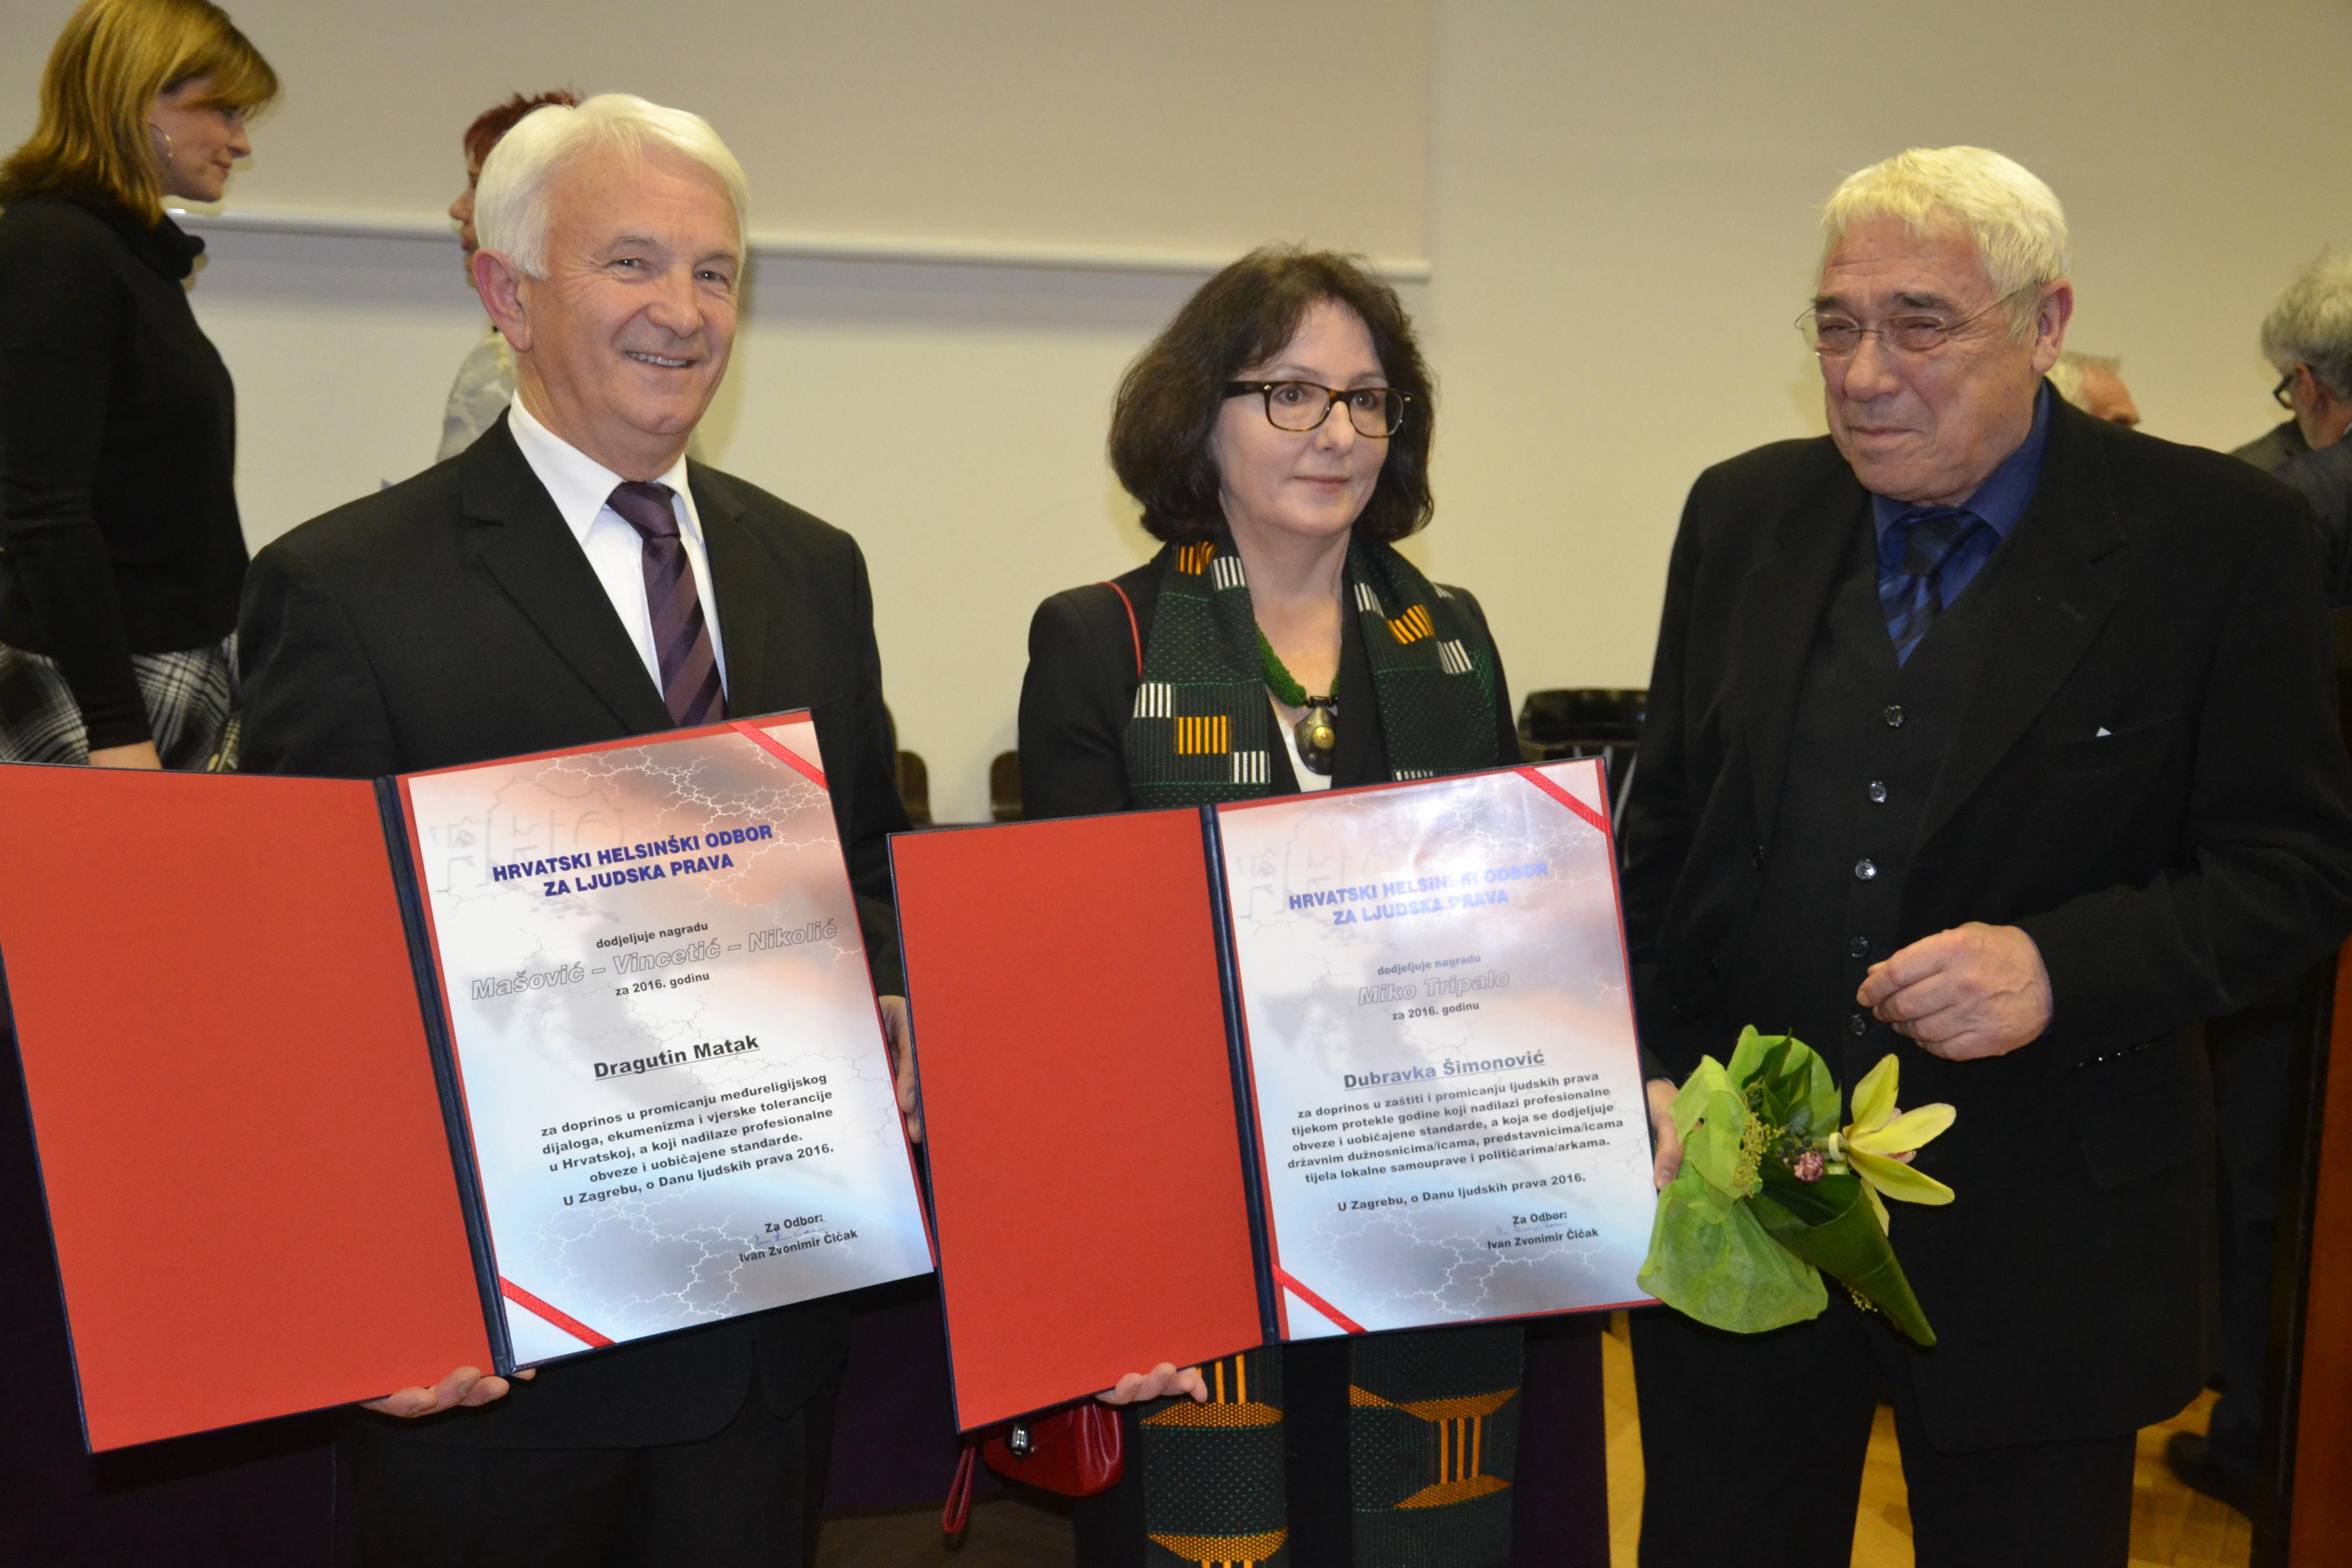 Pastor adventista (primeiro à esquerda) junto com outros dois premiados: luta em favor da liberdade de expressão religiosa que é um direito humano básico. Foto: Divisão Transeuropeia da Igreja Adventista